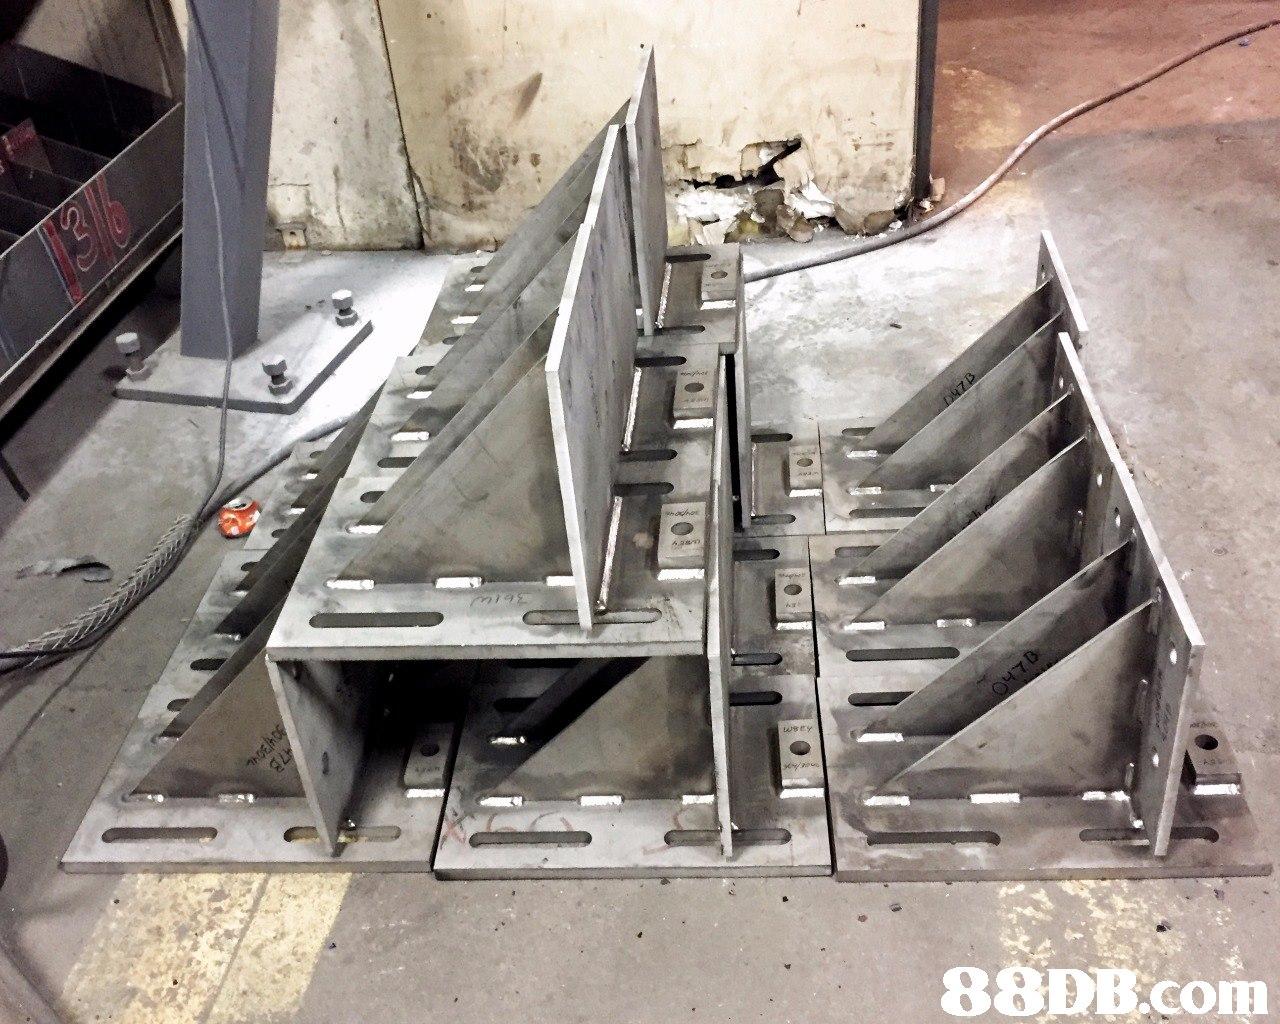 88DE.com  automotive exterior,metal,